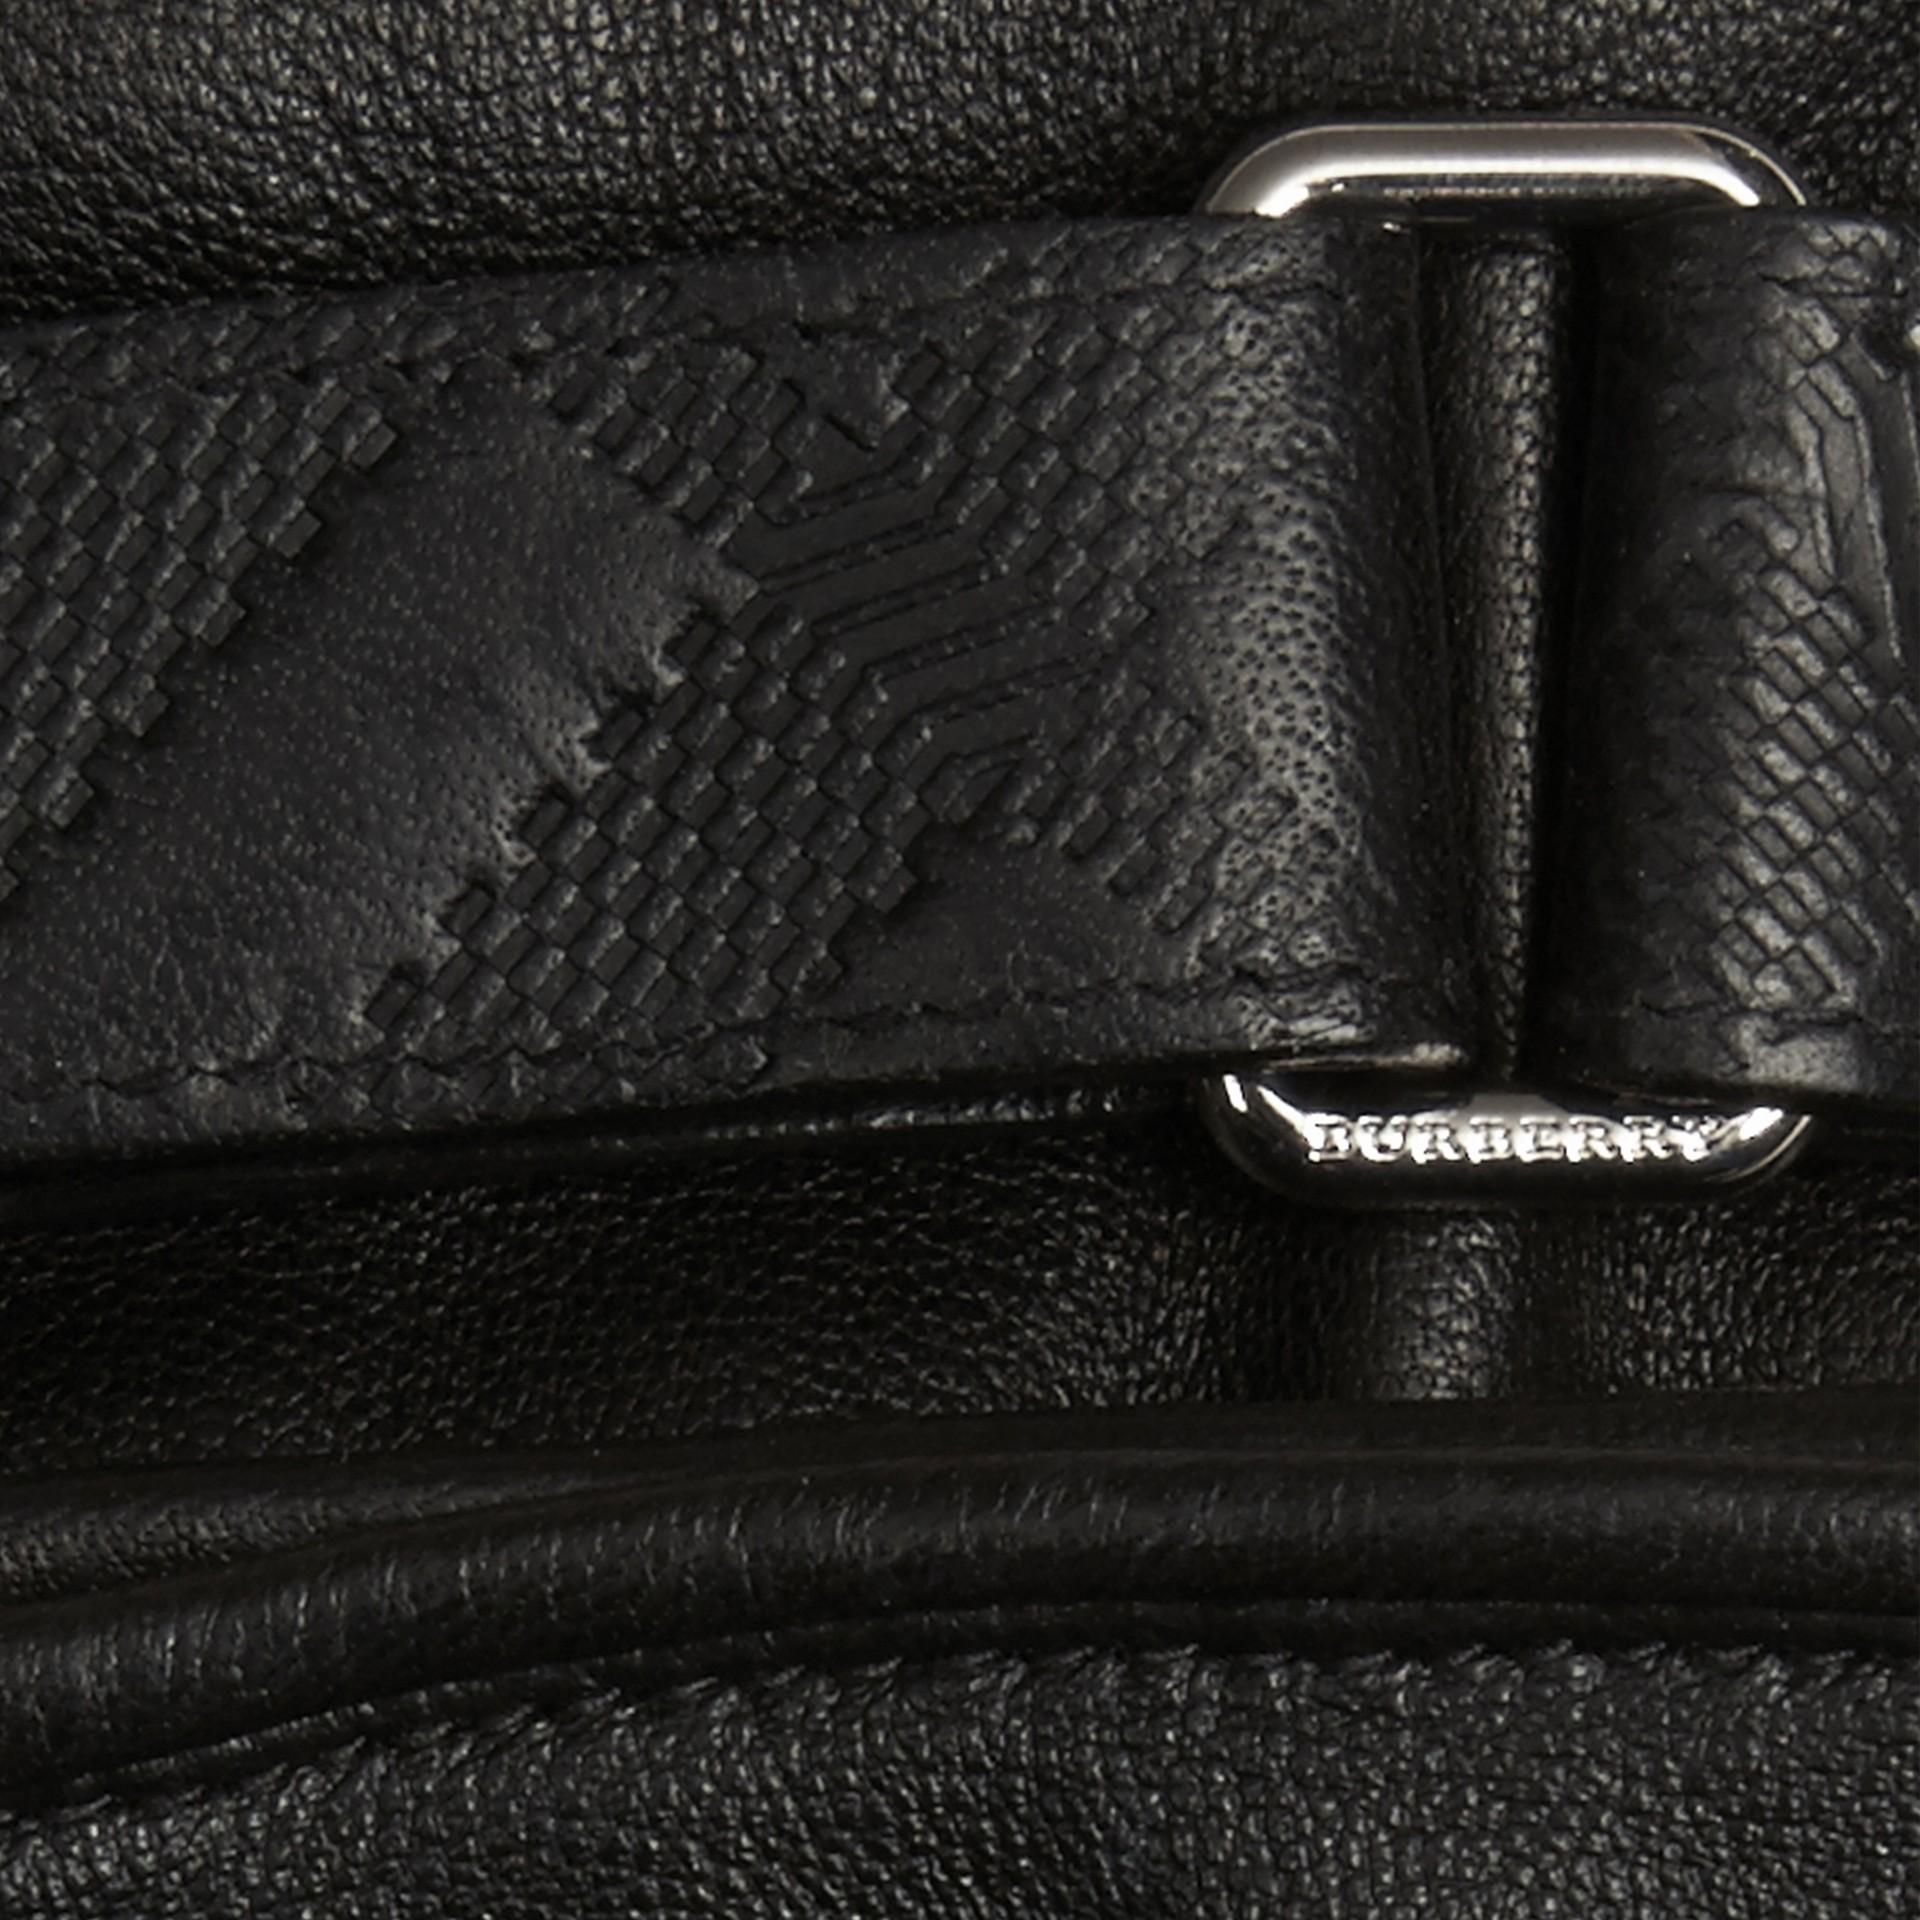 Nero Guanti per touchscreen in pelle con dettaglio con motivo check in rilievo - immagine della galleria 2